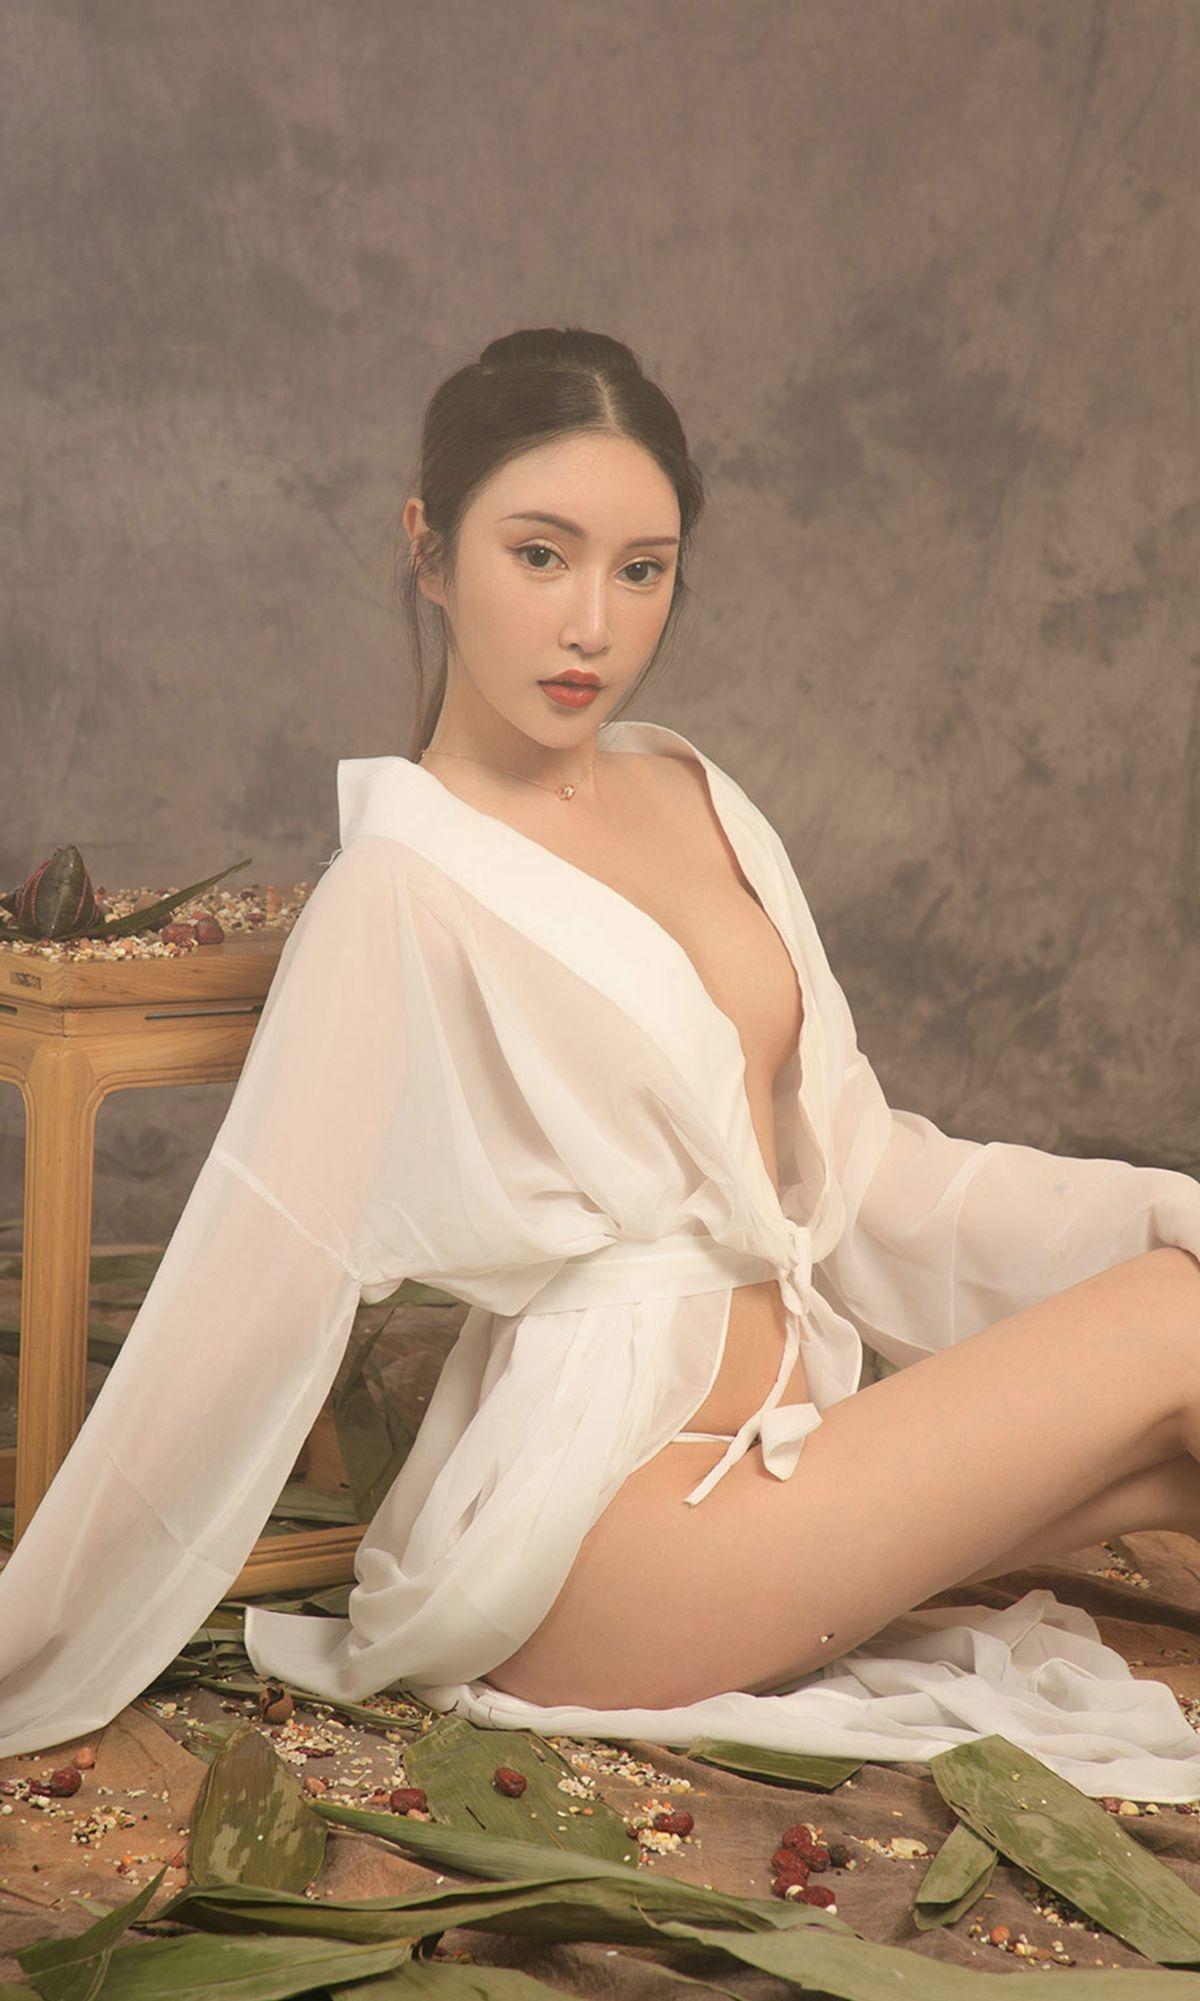 Angela楚楚&金露 - 香食 写真套图